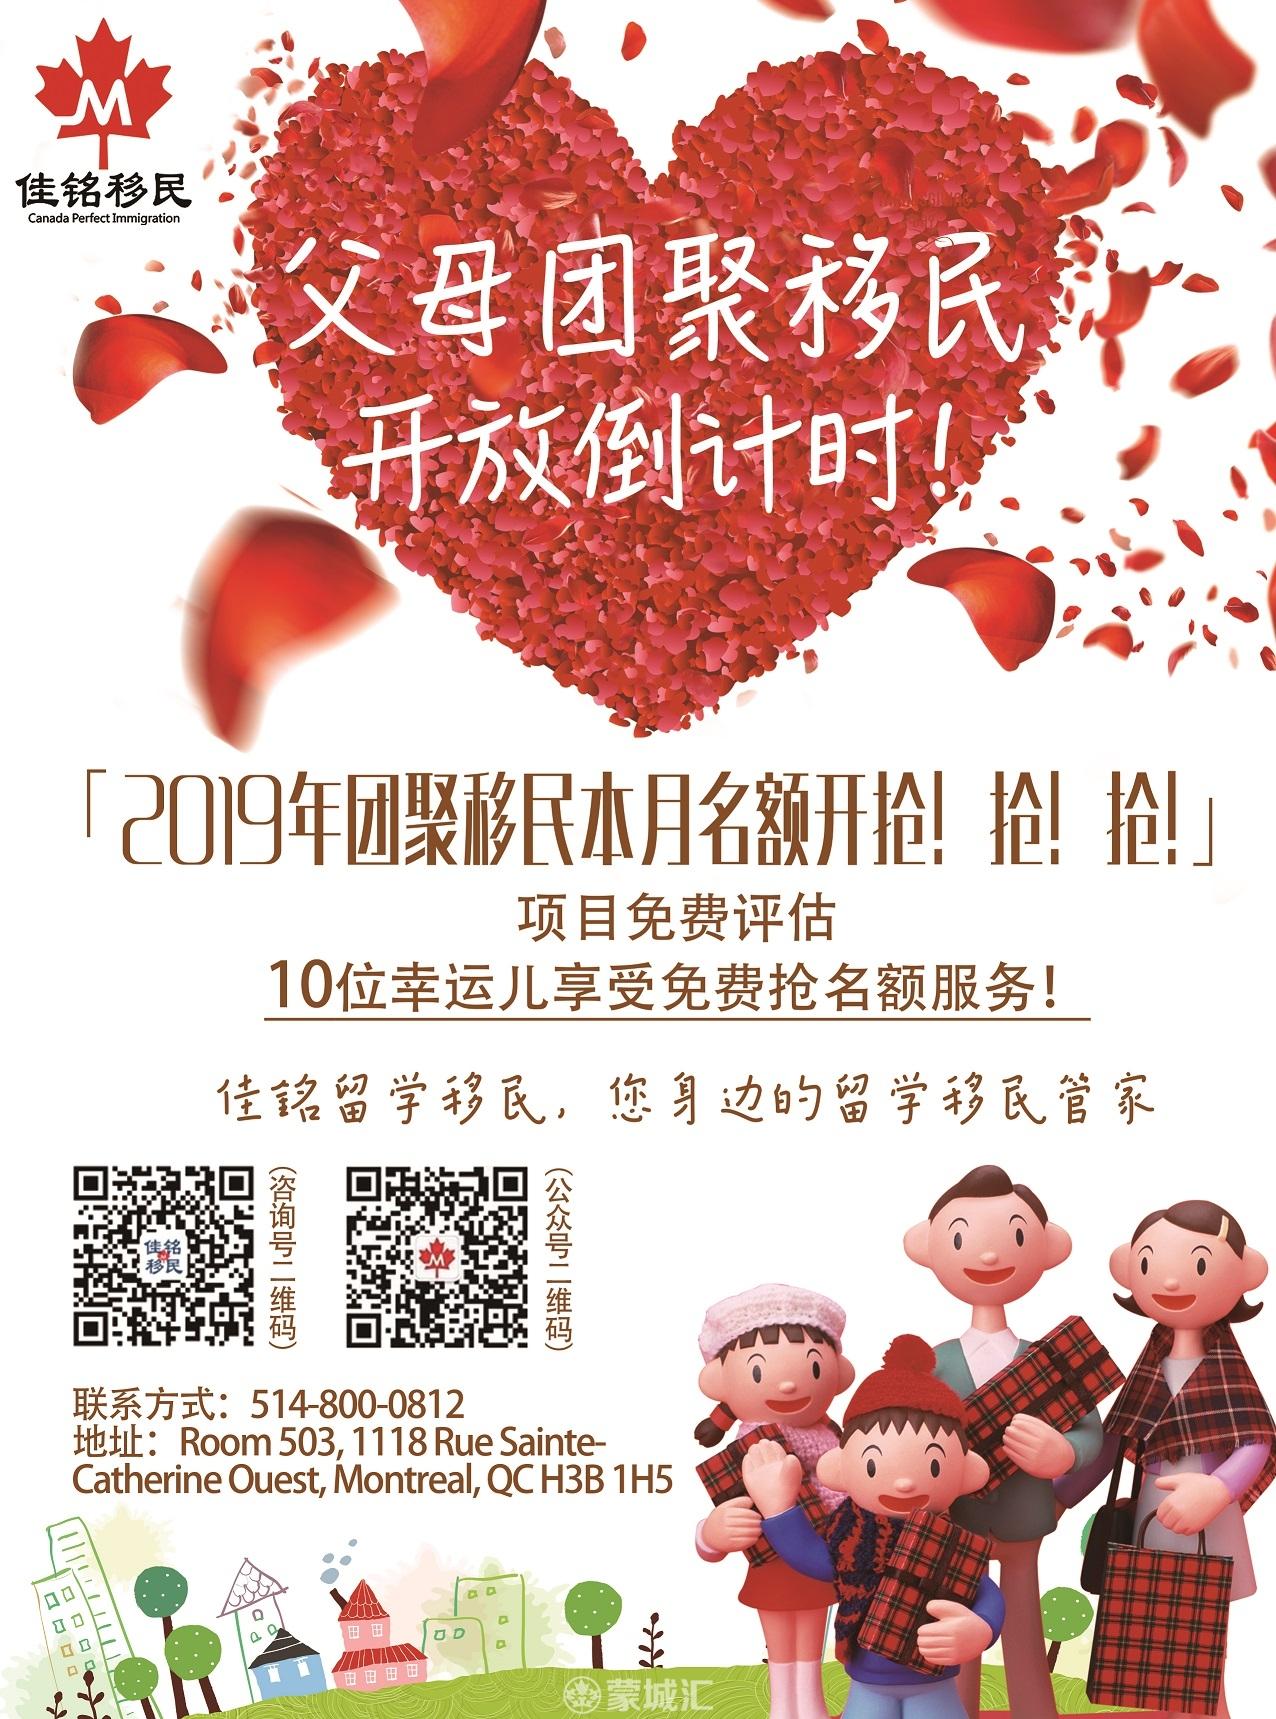 团聚移民海报2019-01-11(小).jpg